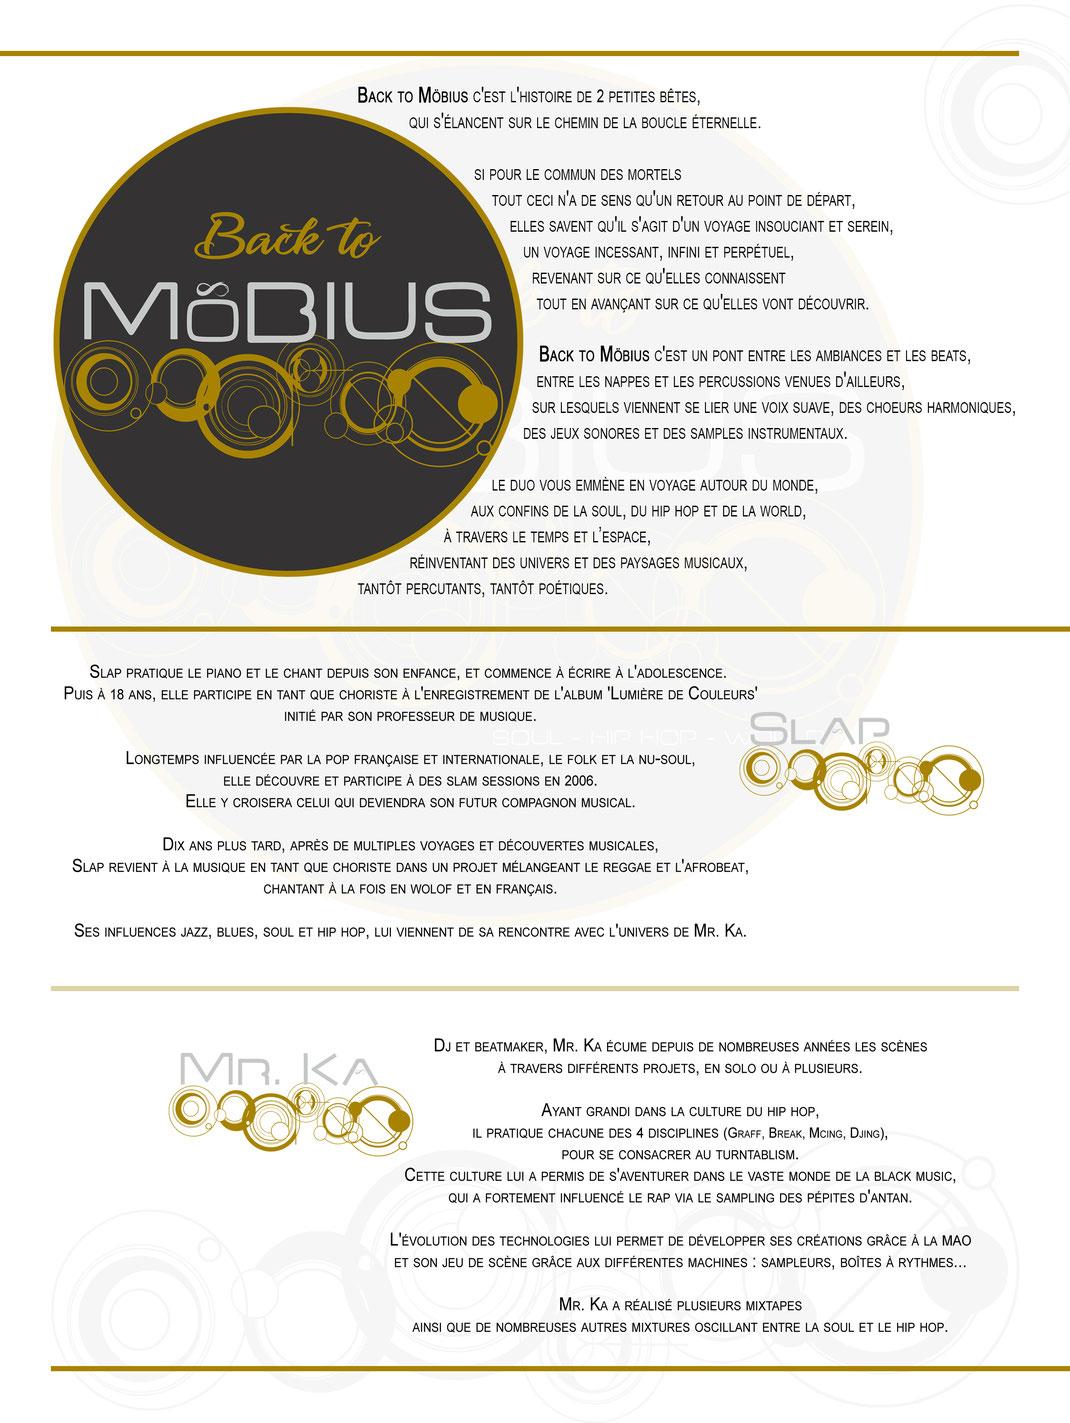 biographie de Back to Möbius